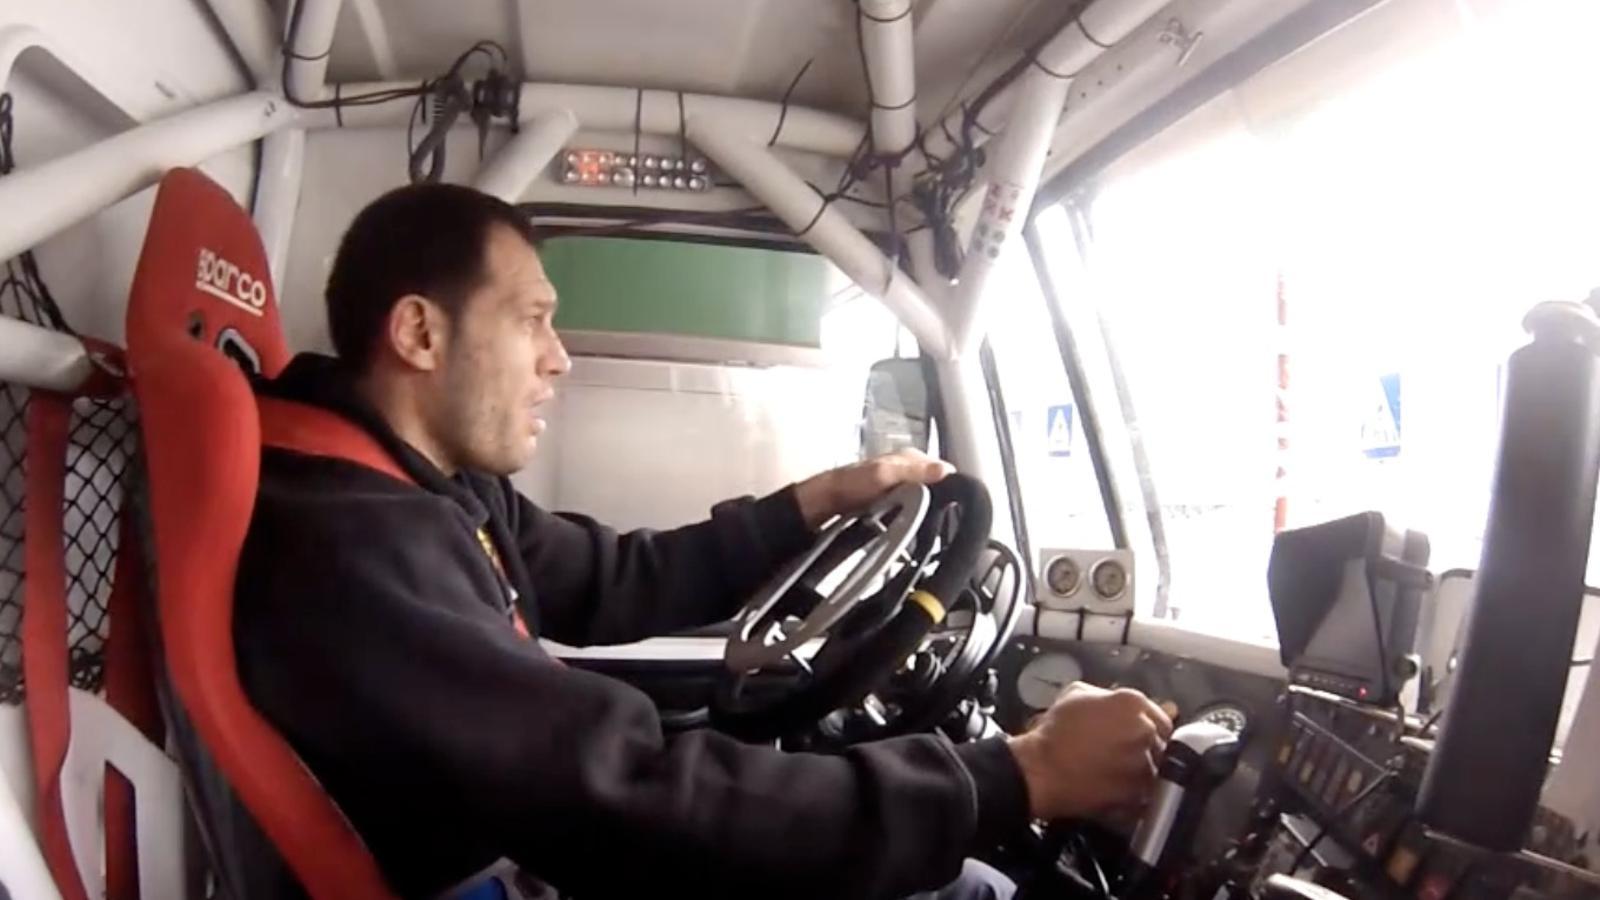 Una politja i una corda per asseure's al volant: competir amb camions, el nou repte d'Albert Llovera per al Dakar 2016